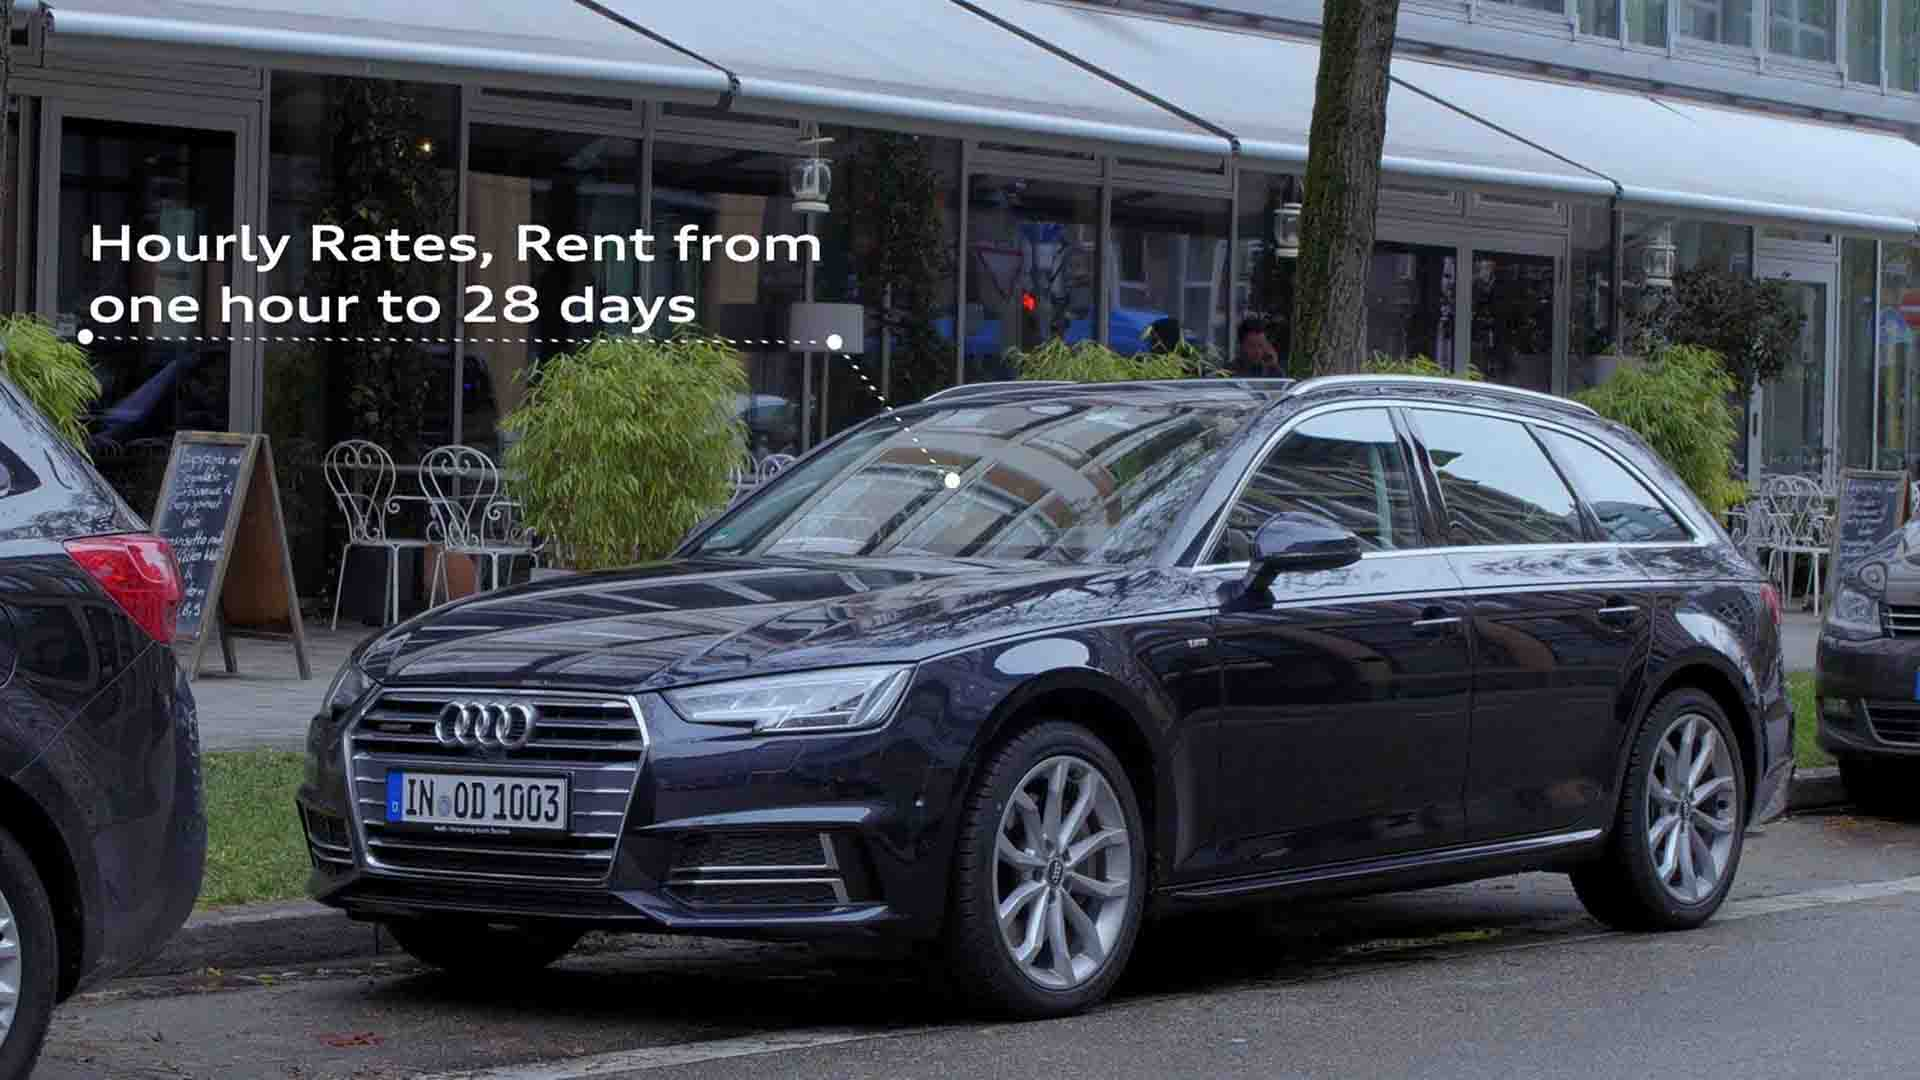 """Das Bild zeigt einen parkenden Audi. Er ist schwarz und steht vor einem Restaurant. Vor diesem Restaurant stehen weiße Stühle und eine kleine, schwarze Menükarte. Eine Linie, die gestrichelt ist, führt von dem Auto ab. An ihr sind die Worte steht """"Hourly Rates, rent from one hour to 28 days"""" angebracht. Das Bild dient als Sliderbild für den Portfolioeintrag Audi on demand – Launchfilm von Panda Pictures."""